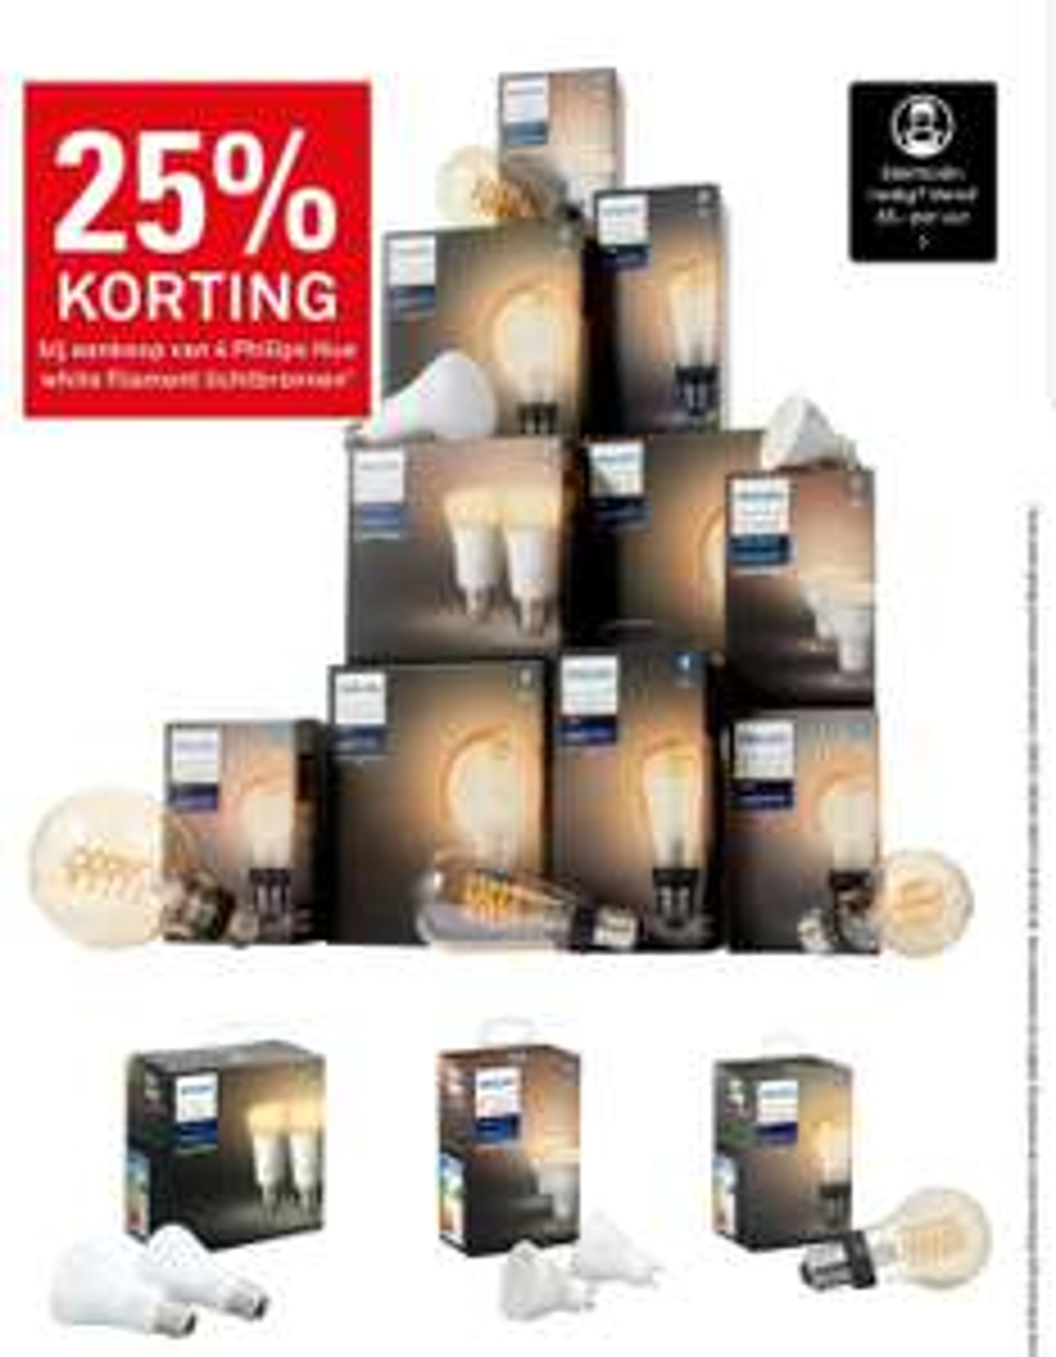 25% korting bij aankoop van 4 Philips Hue white filament lampen